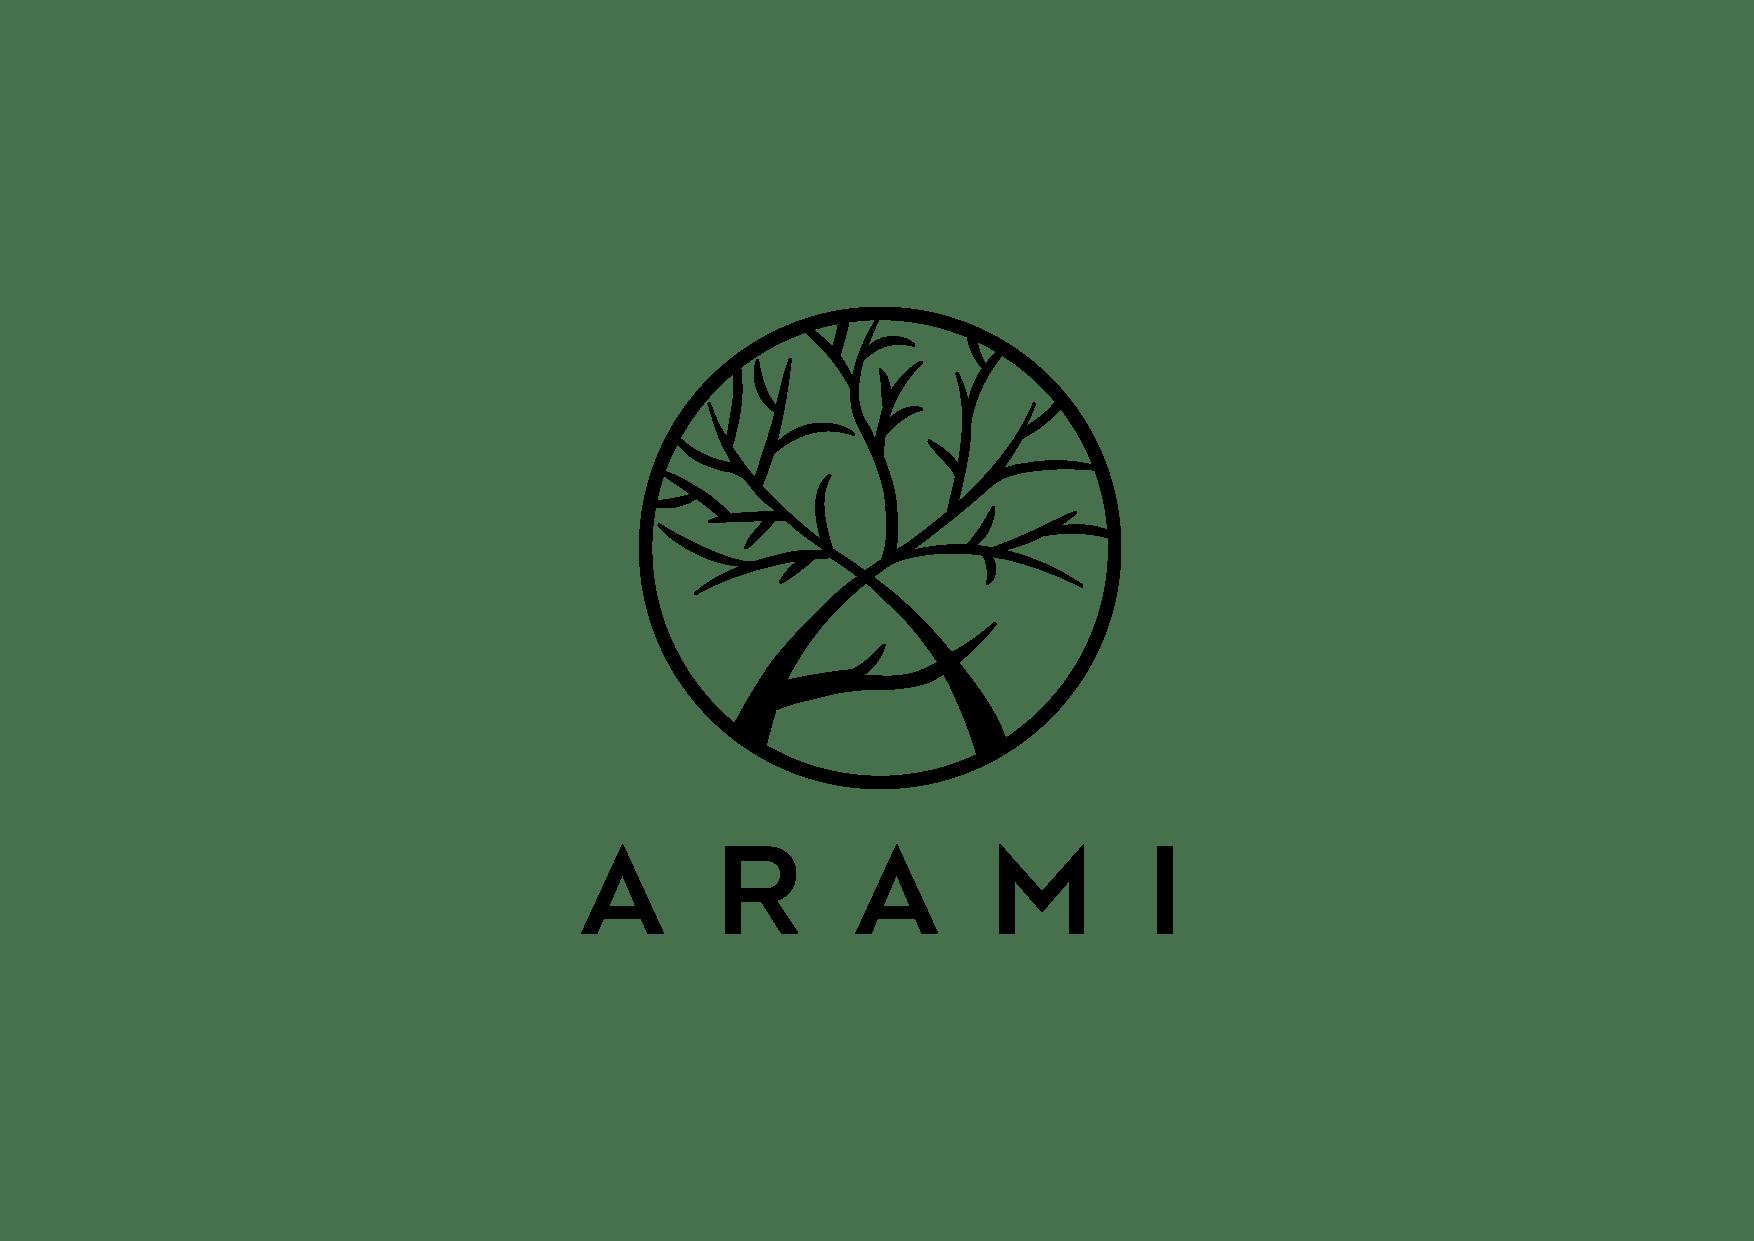 Arami logo